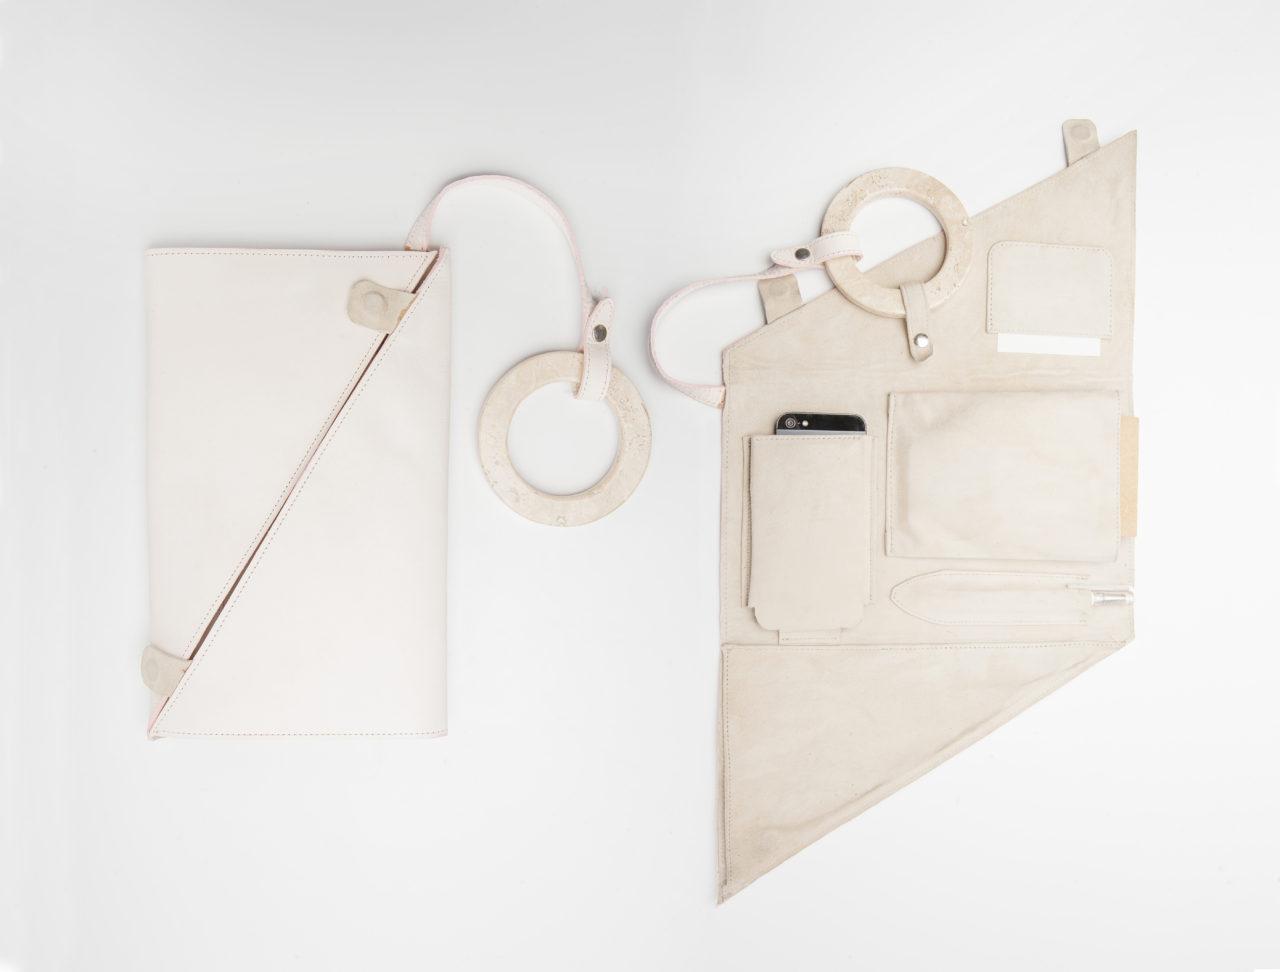 Generación DECODE 2016: Leather + Marble por Claudia Mascareño Dorantes